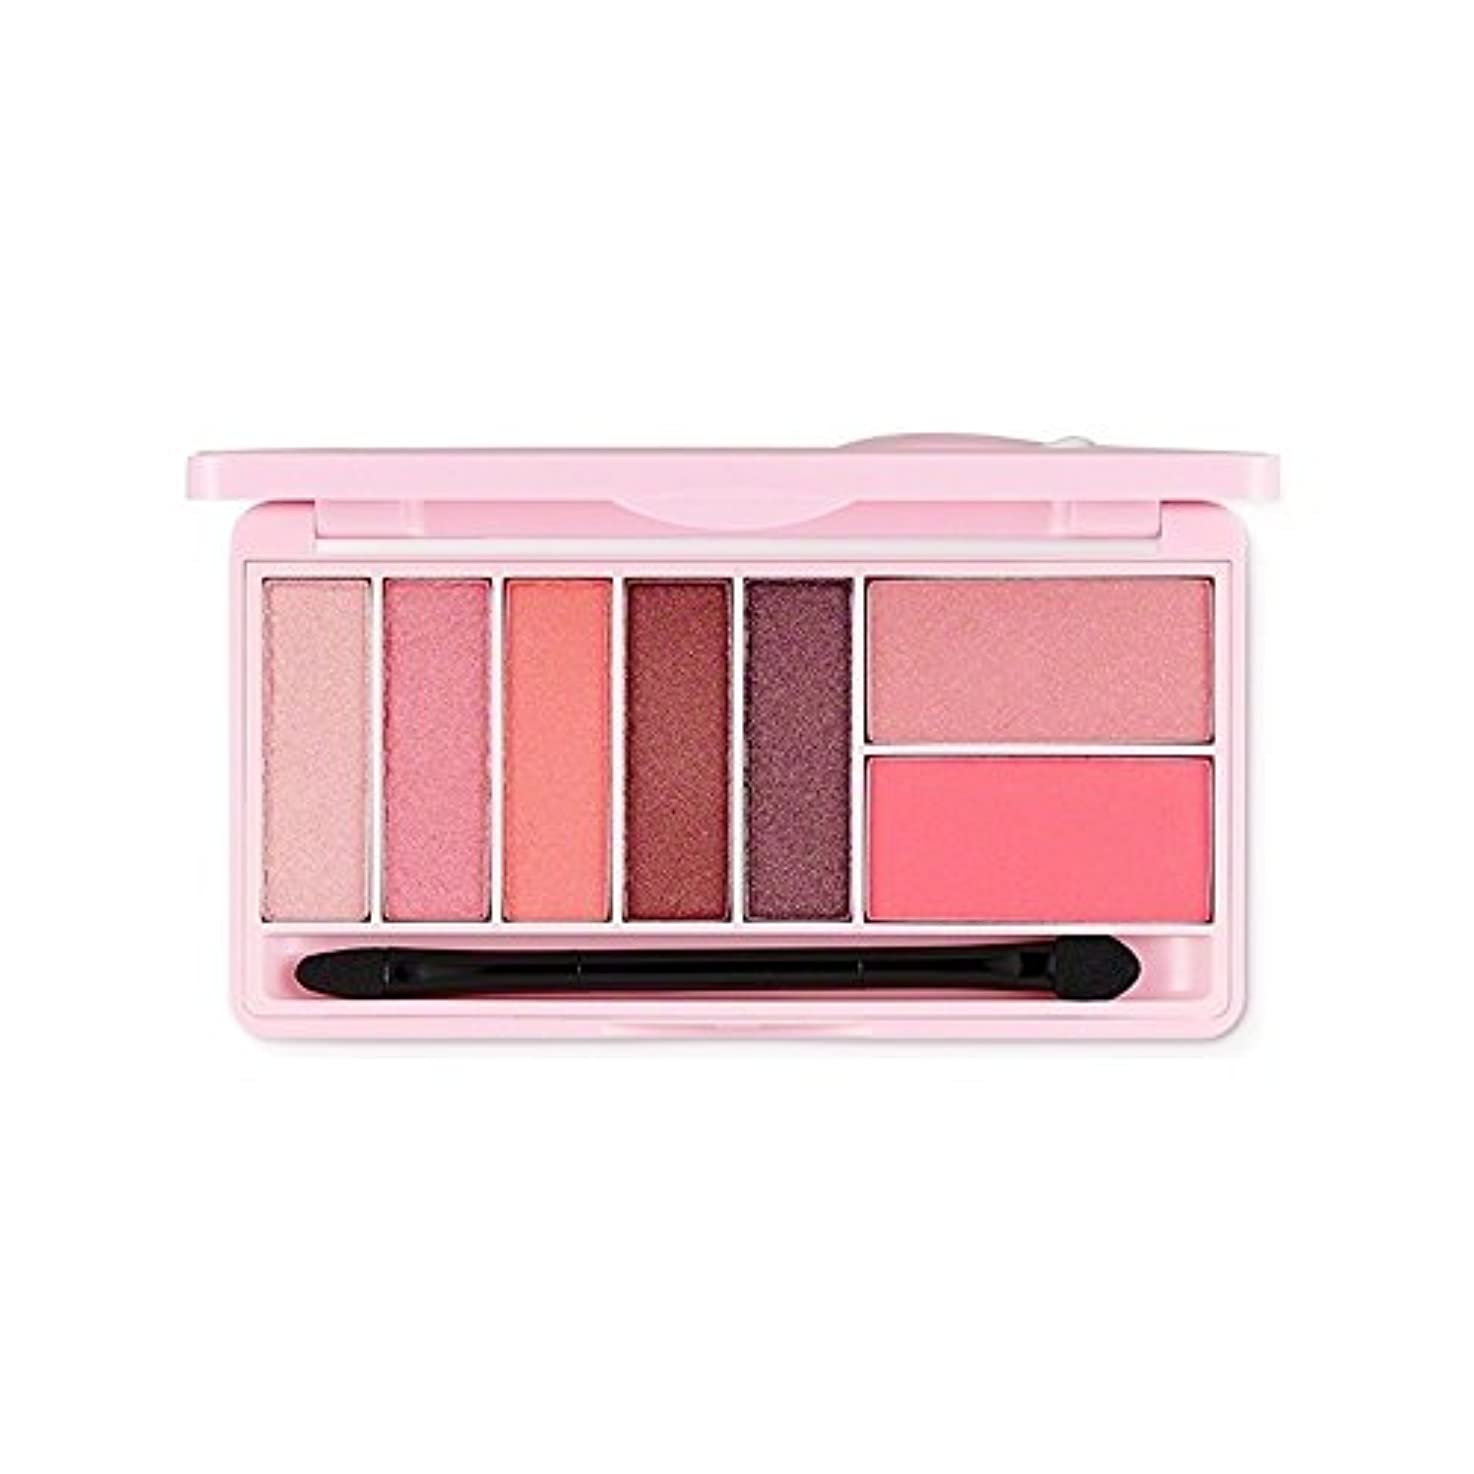 適応する変化する寂しいThe Face Shop スウィートアペックチャーモノポップアイズ Kakao FriendsThe Face Shop Sweet Apeach Mono Pop Eyes 9.5g/甘いアペサート (Pink Winking...